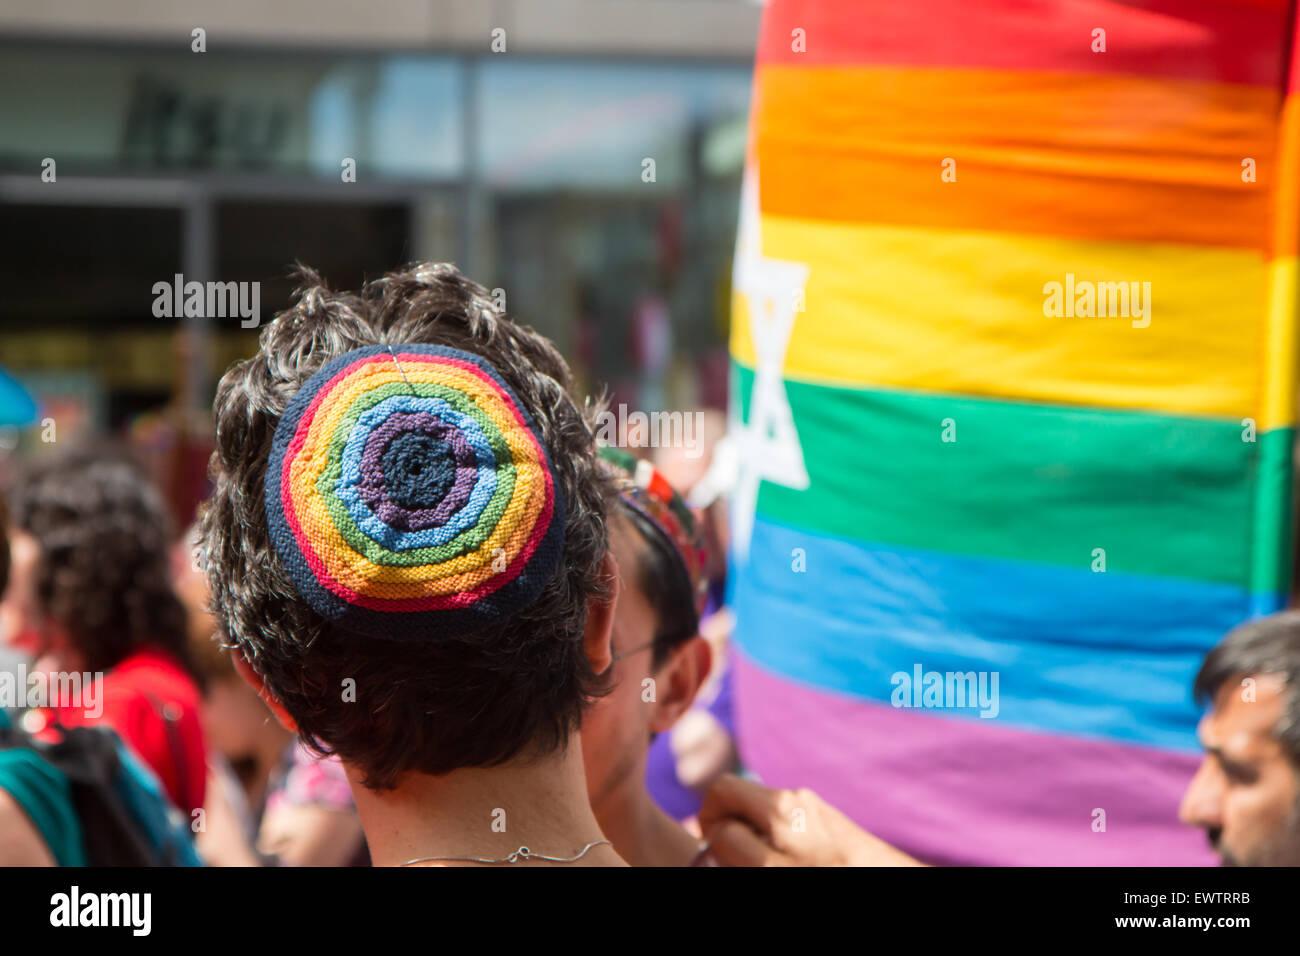 Head wearing skullcap/kippah at Pride in London 2015 - Stock Image